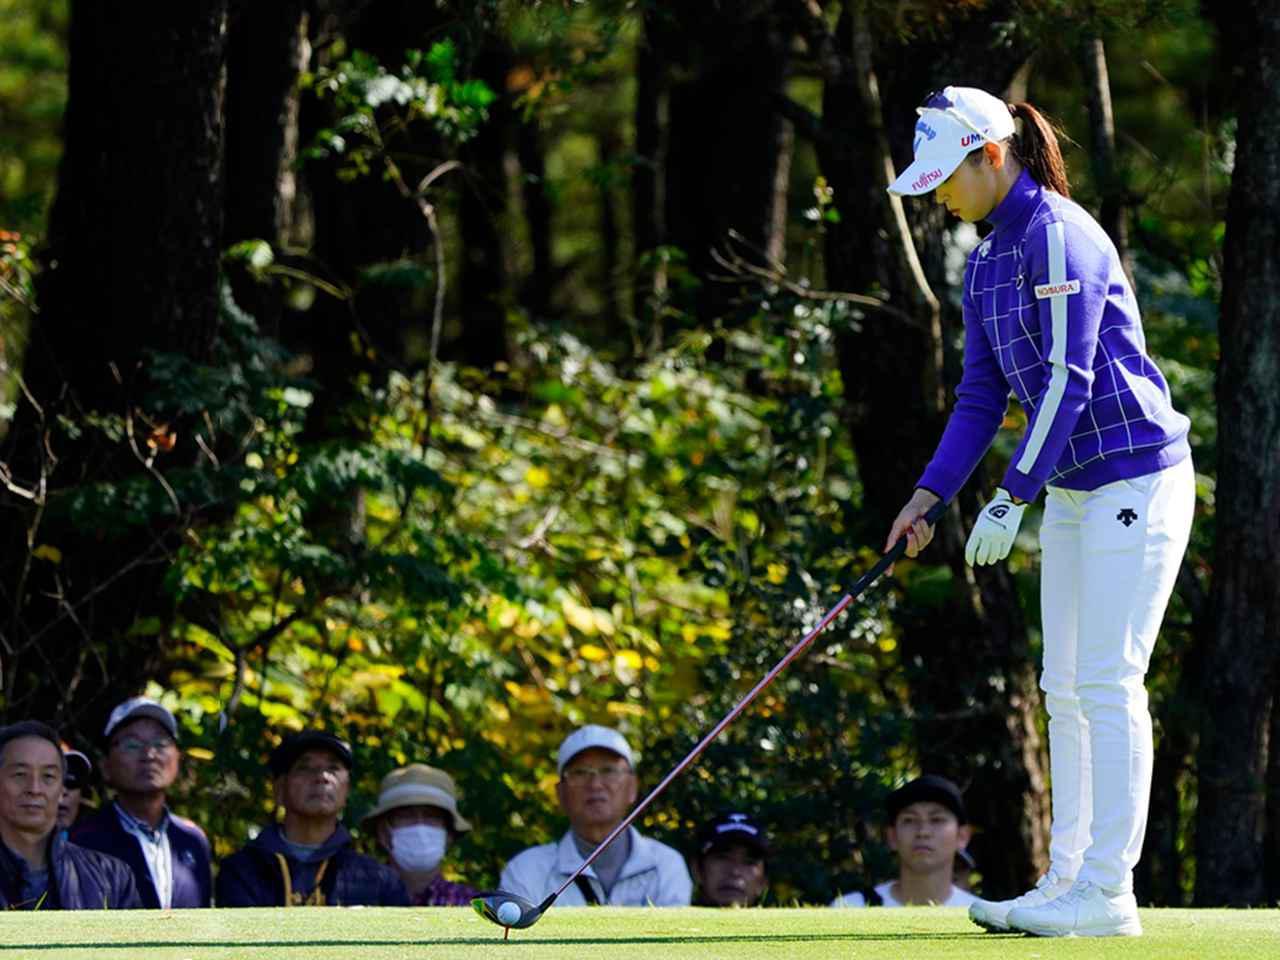 """画像4: 【プレショットルーティン調査】女子プロゴルファー上位32人をチェック! 2タイプに分かれた""""アドレスの入り方"""""""